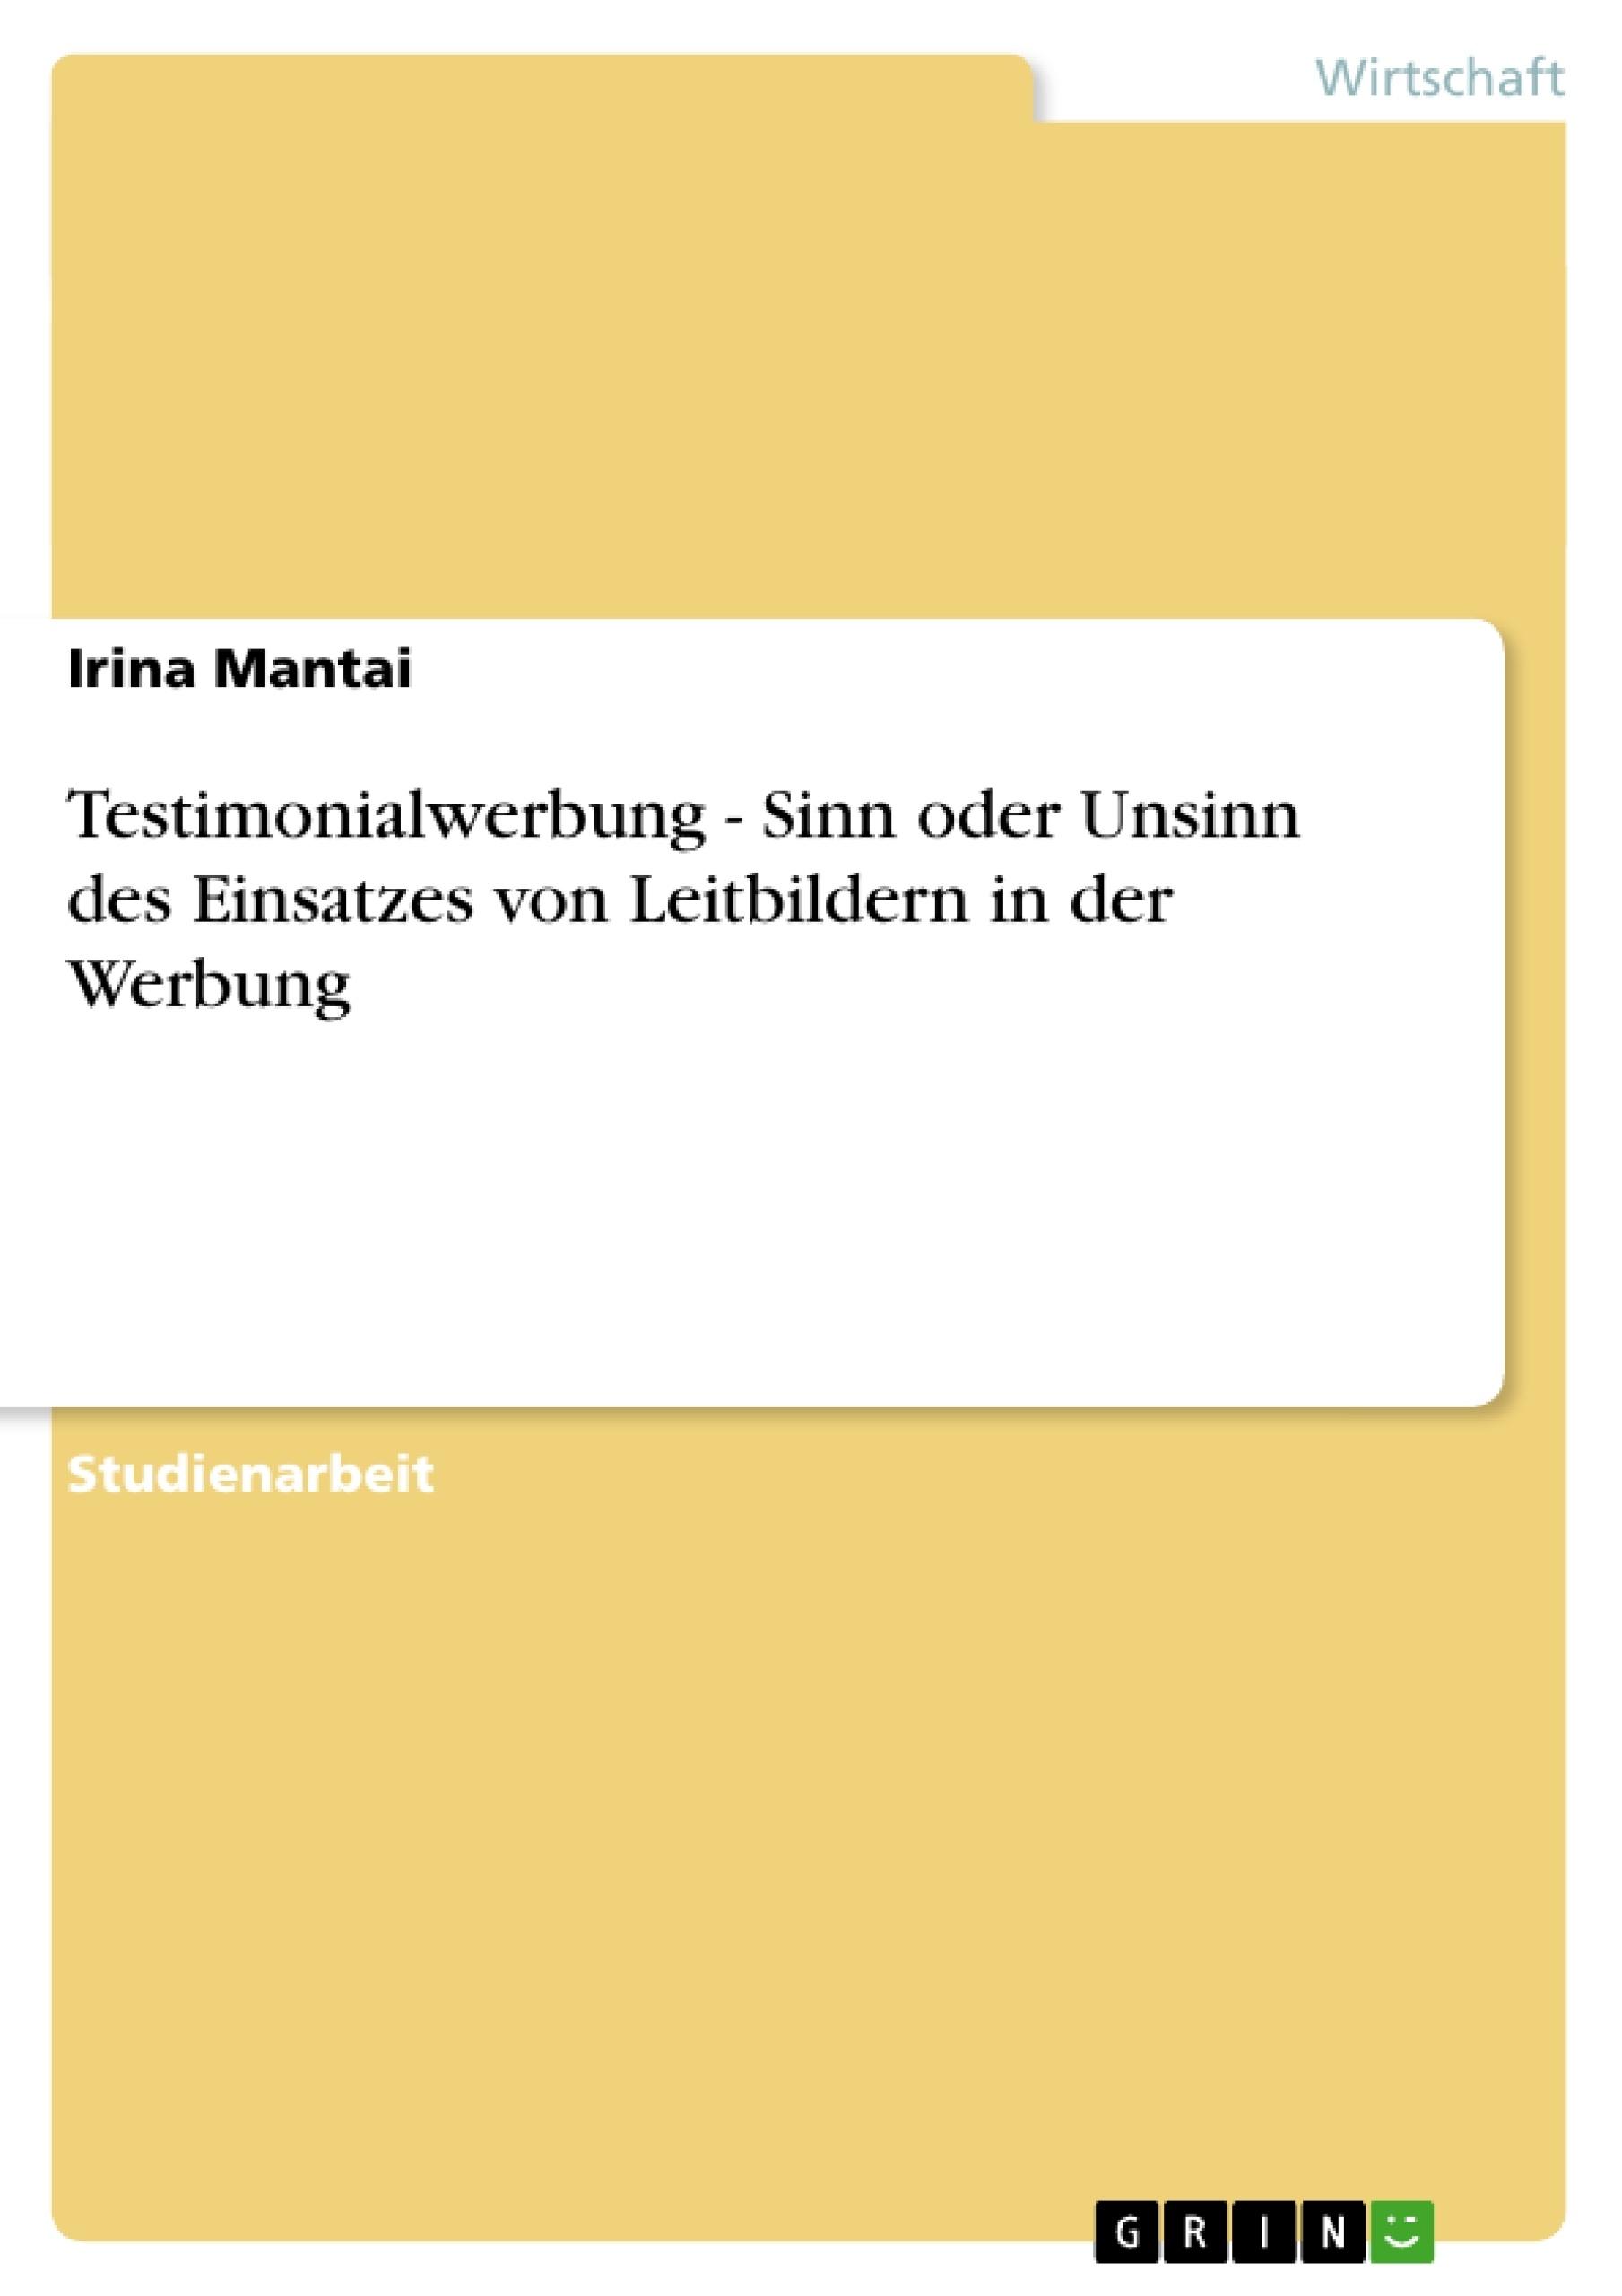 Titel: Testimonialwerbung - Sinn oder Unsinn des Einsatzes von Leitbildern in der Werbung